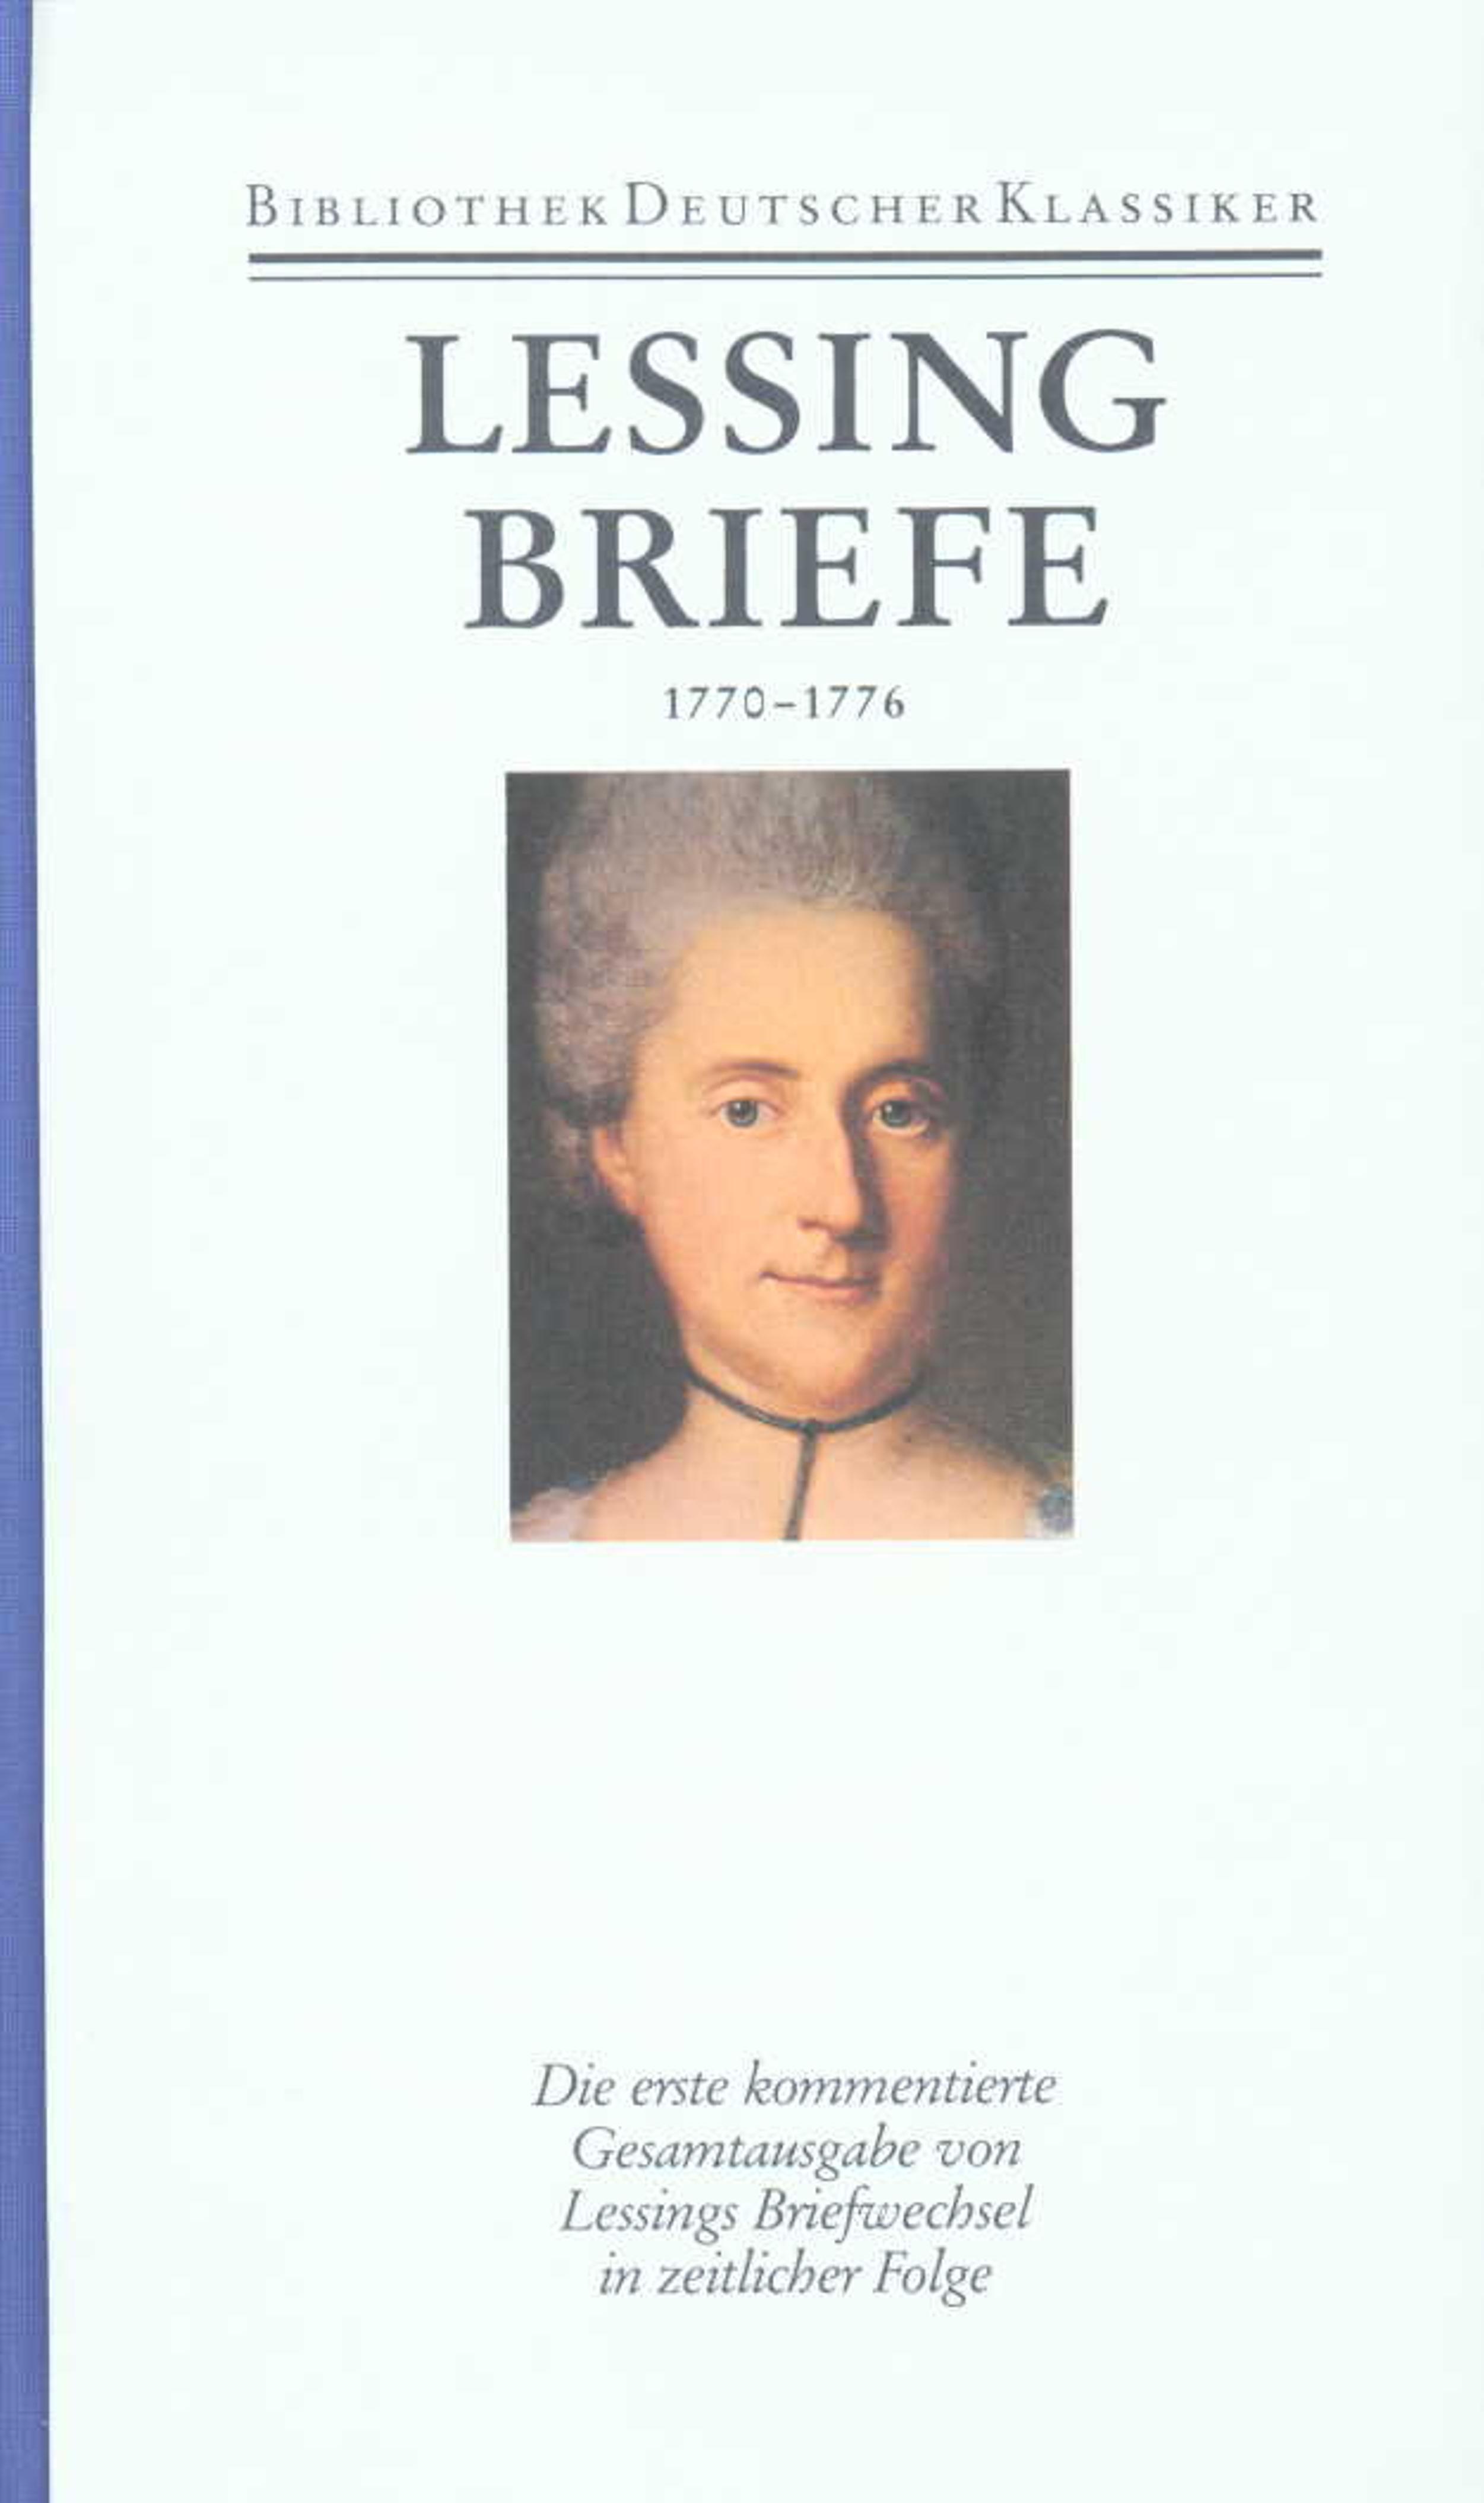 Briefe Von Lessing : Werke und briefe in bänden band von